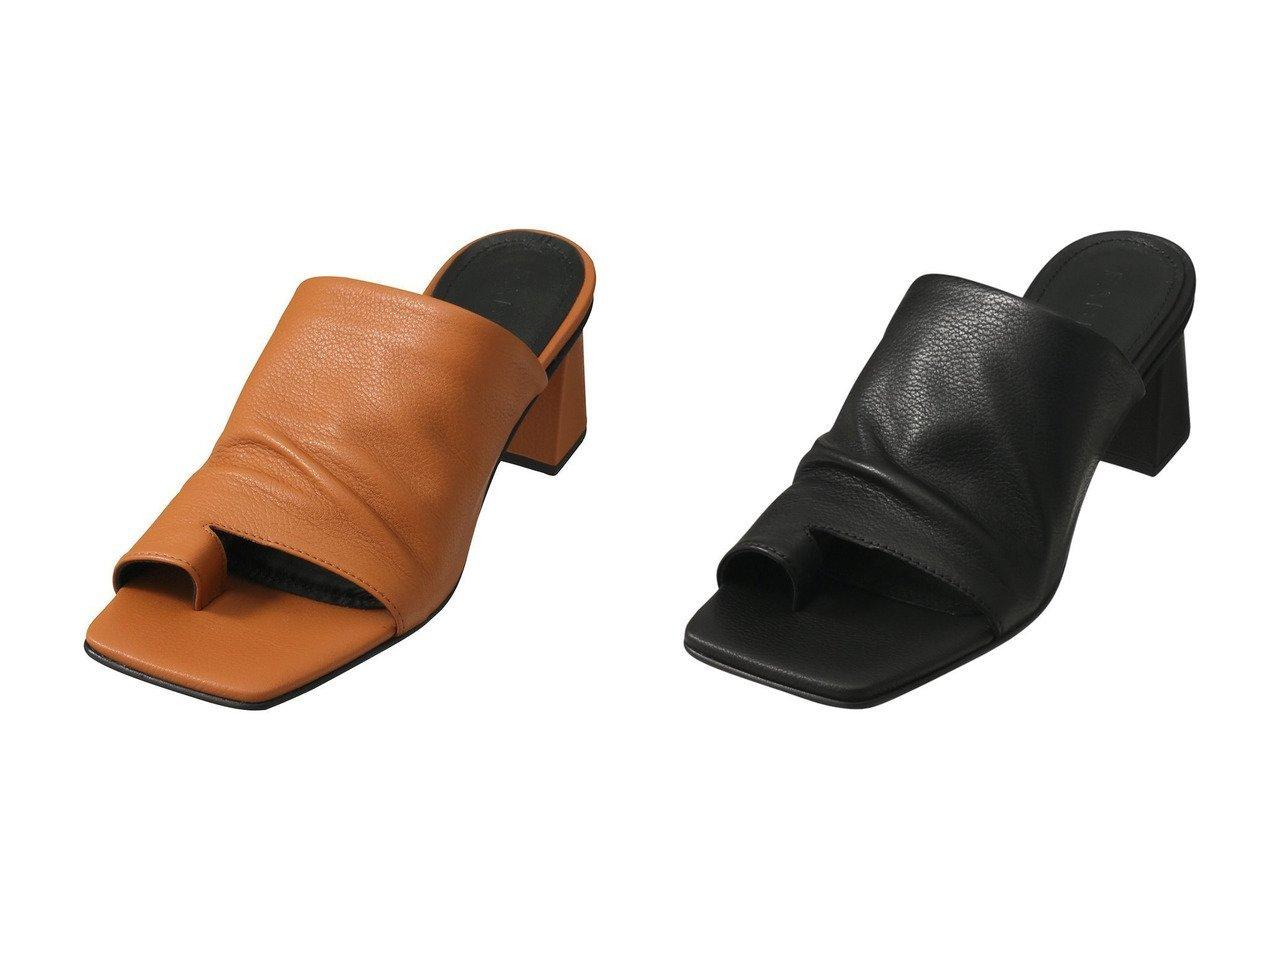 【FABIO RUSCONI/ファビオ ルスコーニ】のスクエアトゥトングミュール シューズ・靴のおすすめ!人気、トレンド・レディースファッションの通販 おすすめで人気の流行・トレンド、ファッションの通販商品 メンズファッション・キッズファッション・インテリア・家具・レディースファッション・服の通販 founy(ファニー) https://founy.com/ ファッション Fashion レディースファッション WOMEN 2021年 2021 2021 春夏 S/S SS Spring/Summer 2021 S/S 春夏 SS Spring/Summer サンダル 春 Spring |ID:crp329100000025024